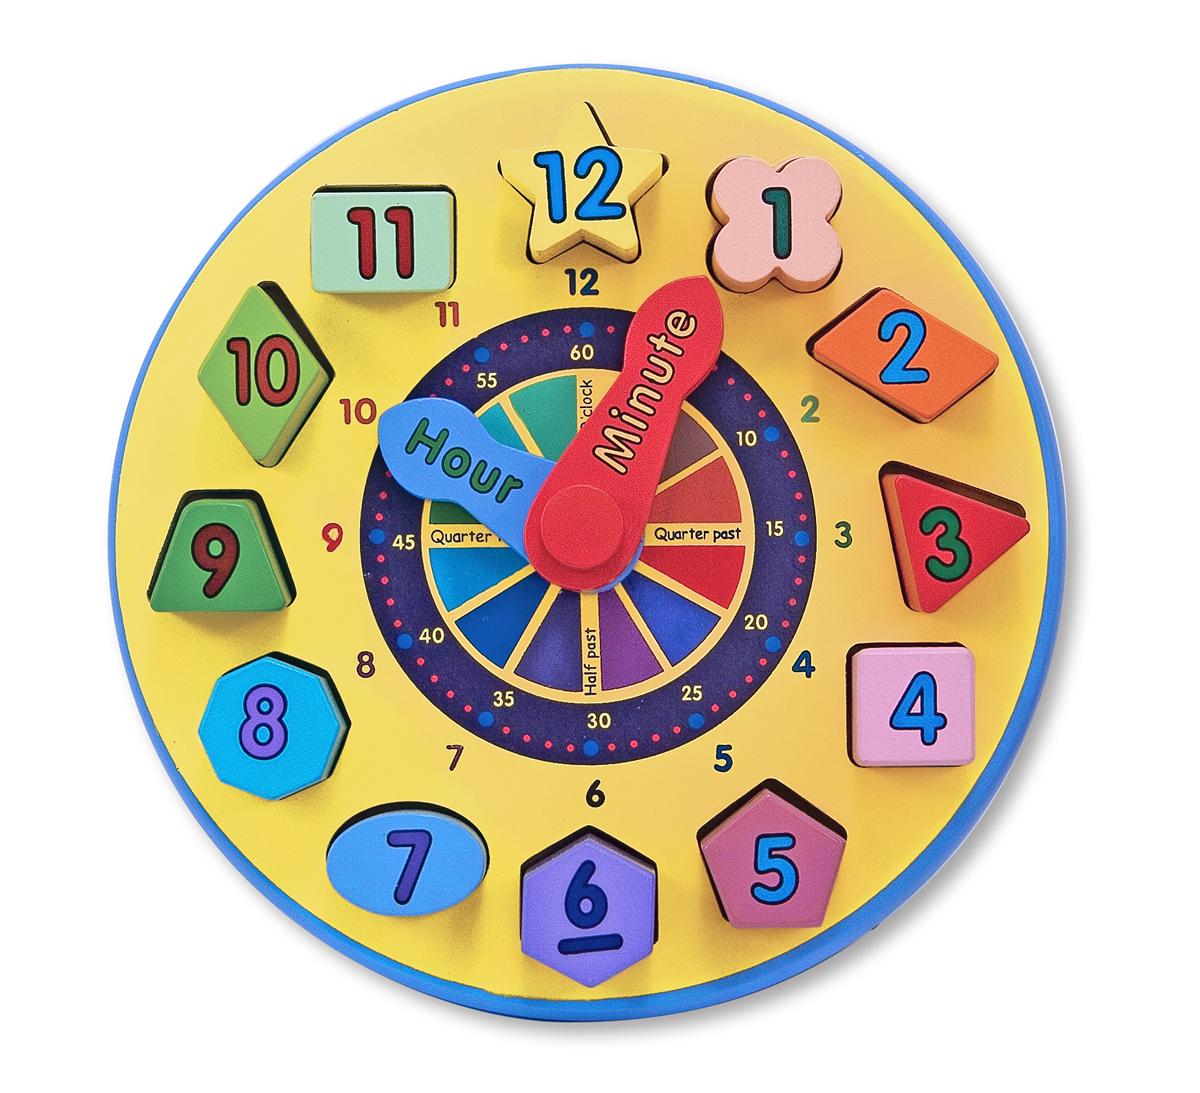 Сортировщик Часы из серии Классические игрушкиСортеры, пирамидки<br>Сортировщик Часы из серии Классические игрушки<br>